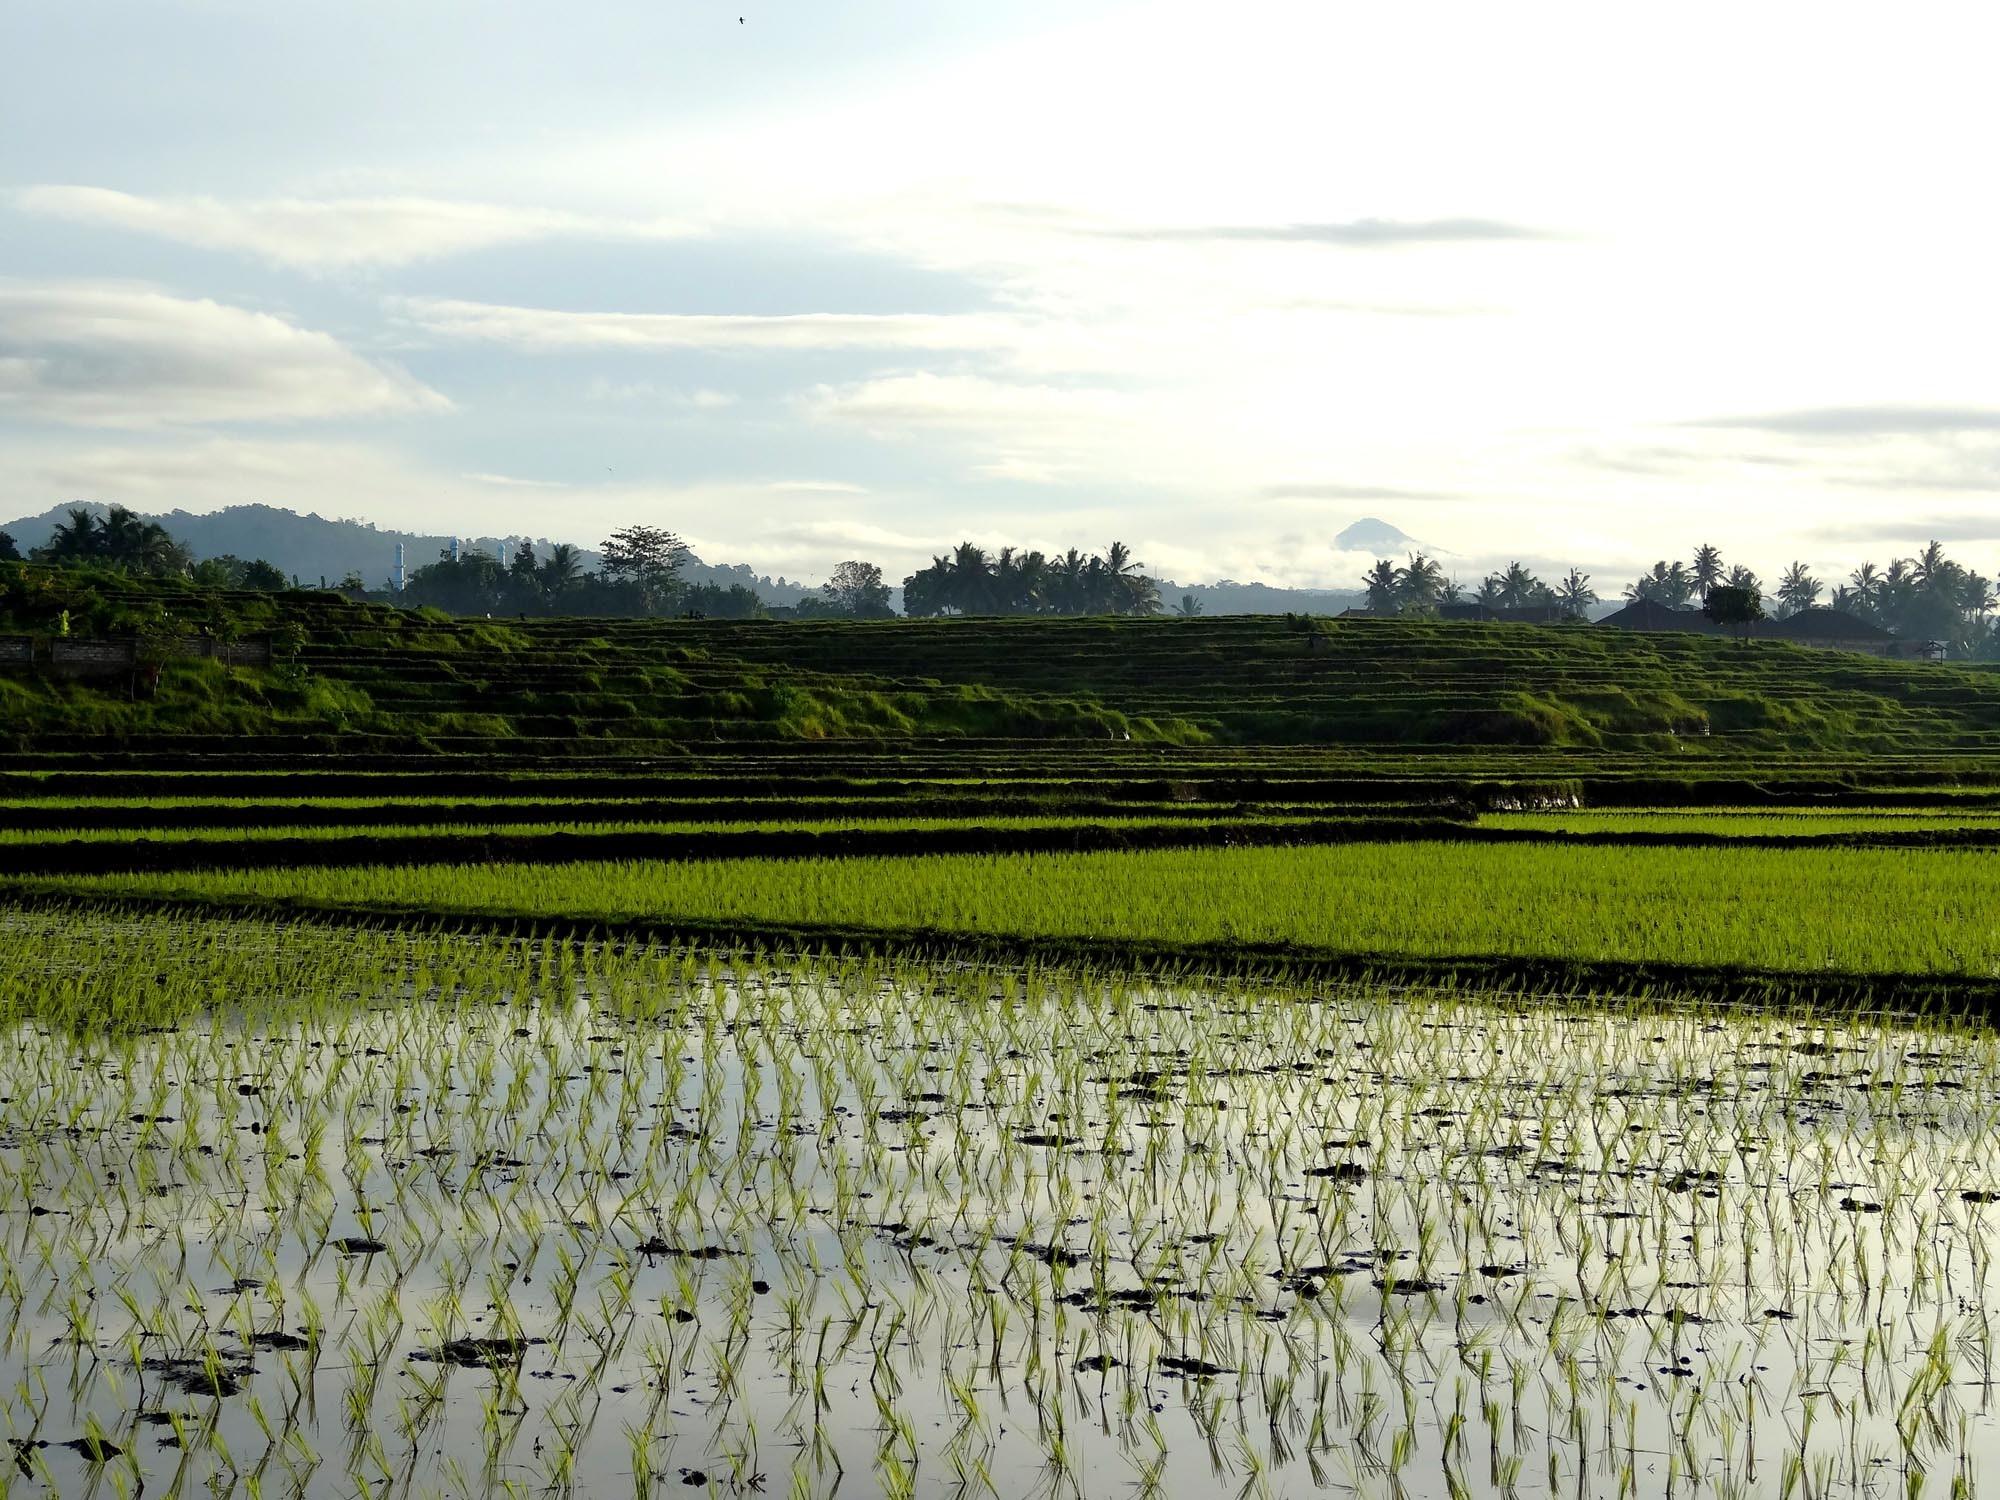 米粉は小麦粉の代用となるか?食卓を通し世界と日本の環境問題を再確認しよう